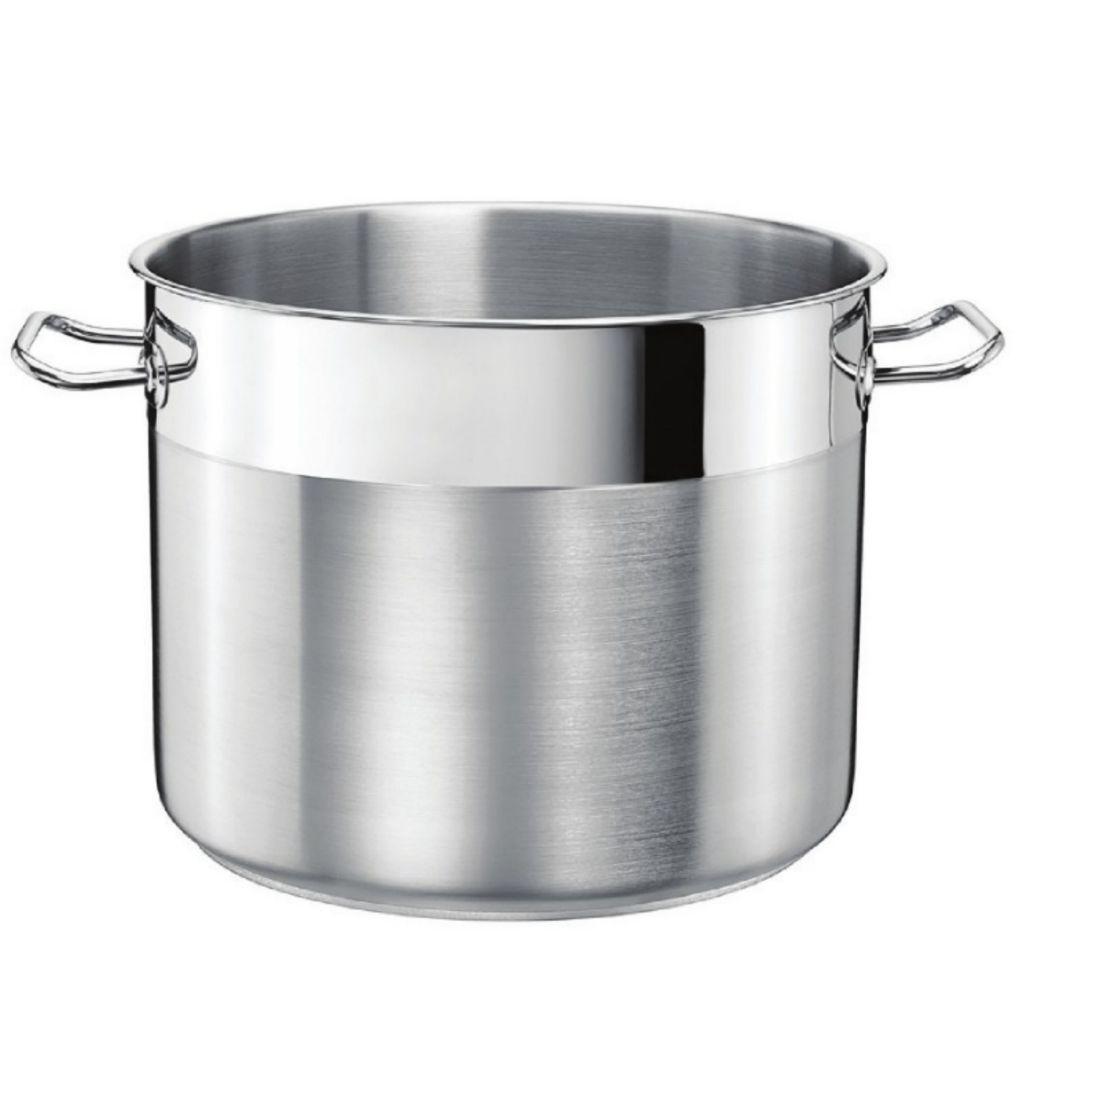 Hrnec vysoký TOMGAST Silver 47,5 l